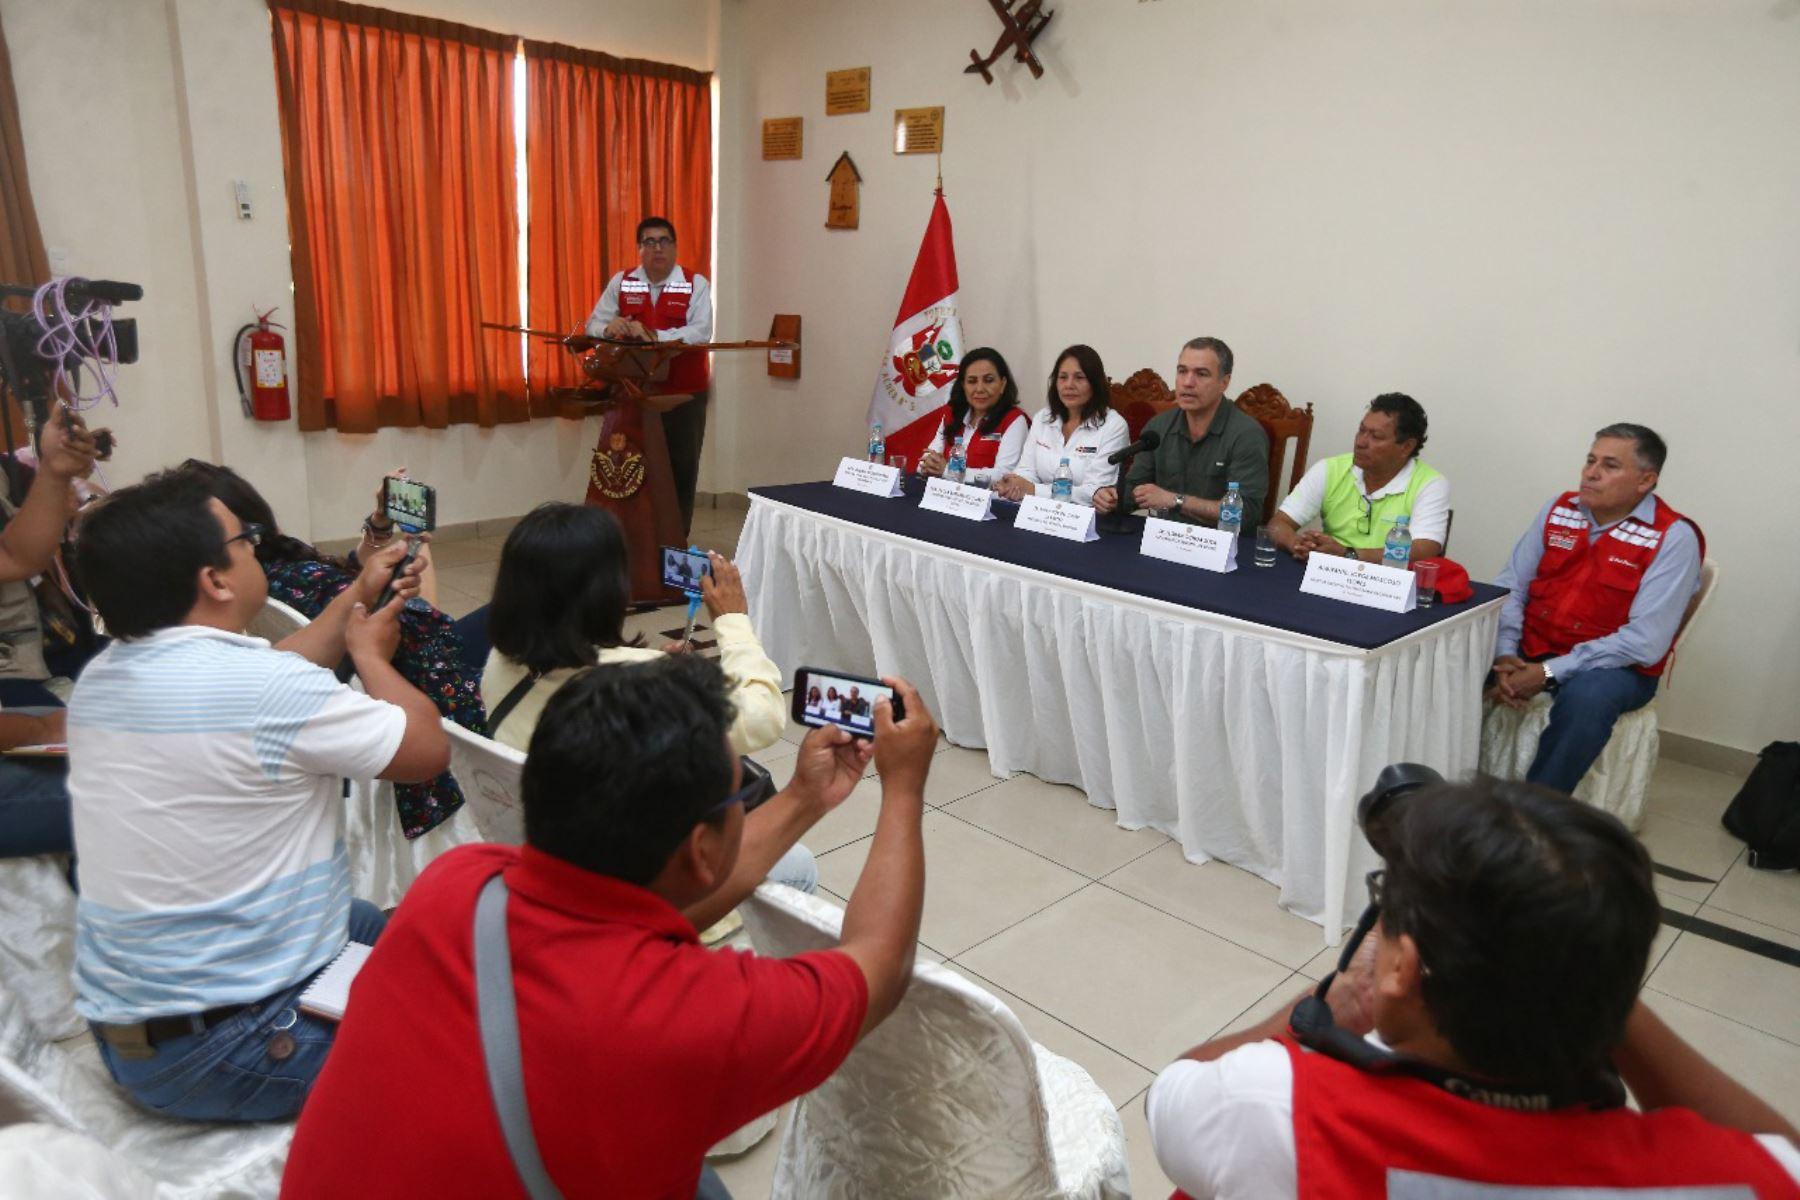 """El presidente del Consejo de Ministros, Salvador del Solar, supervisó la atención que brinda el programa Qali Warma en la institución educativa """"Virgen de las Mercedes"""", en Iquitos.Foto: ANDINA/PCM"""